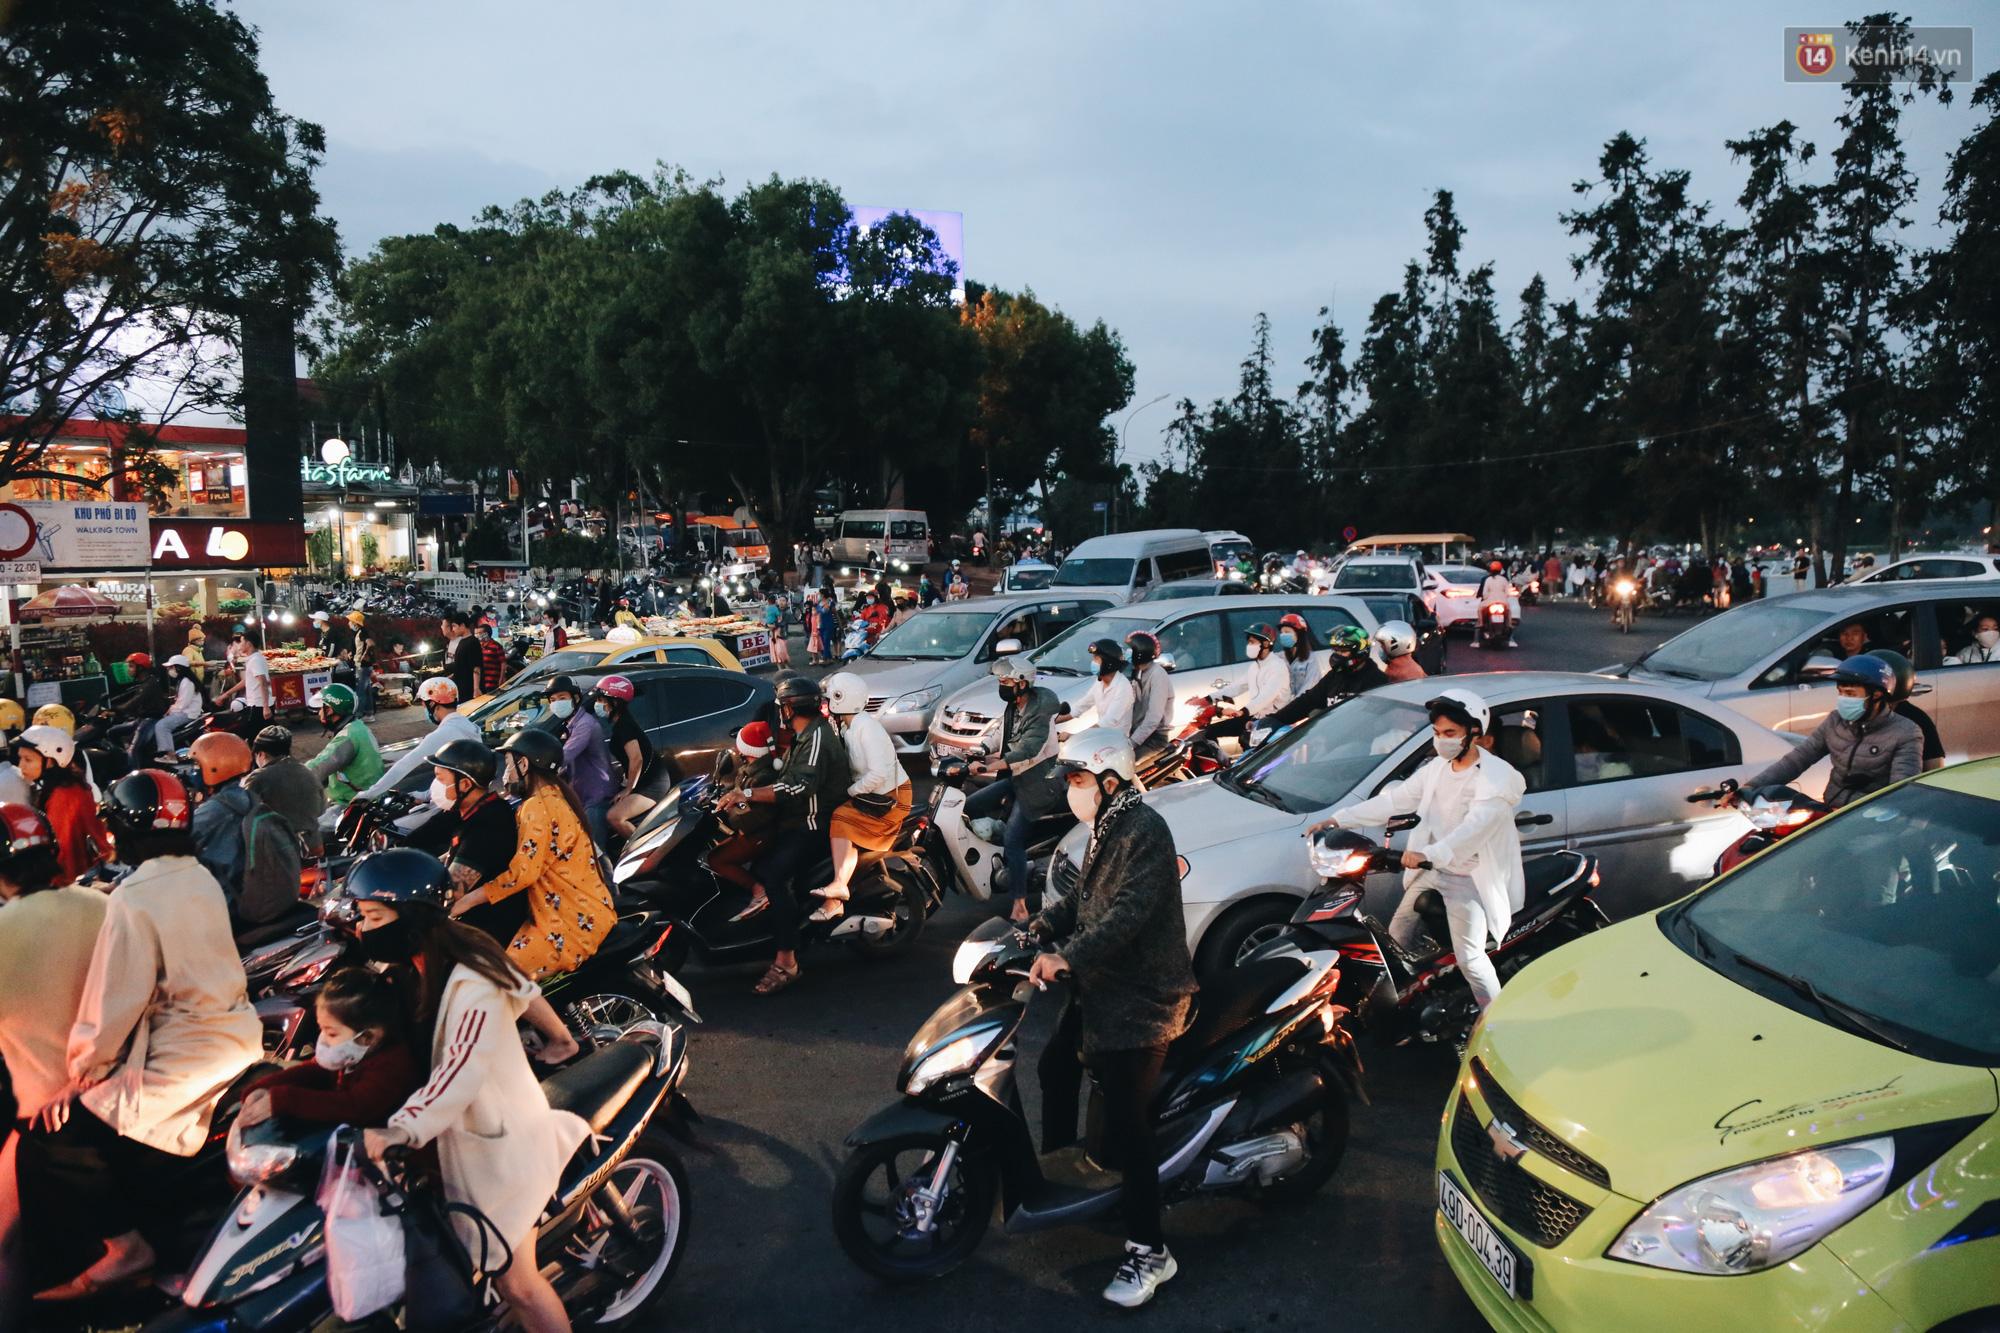 Trung tâm TP. Đà Lạt tê liệt từ chiều đến tối do lượng du khách tăng đột biến dịp lễ 30/4 - Ảnh 14.